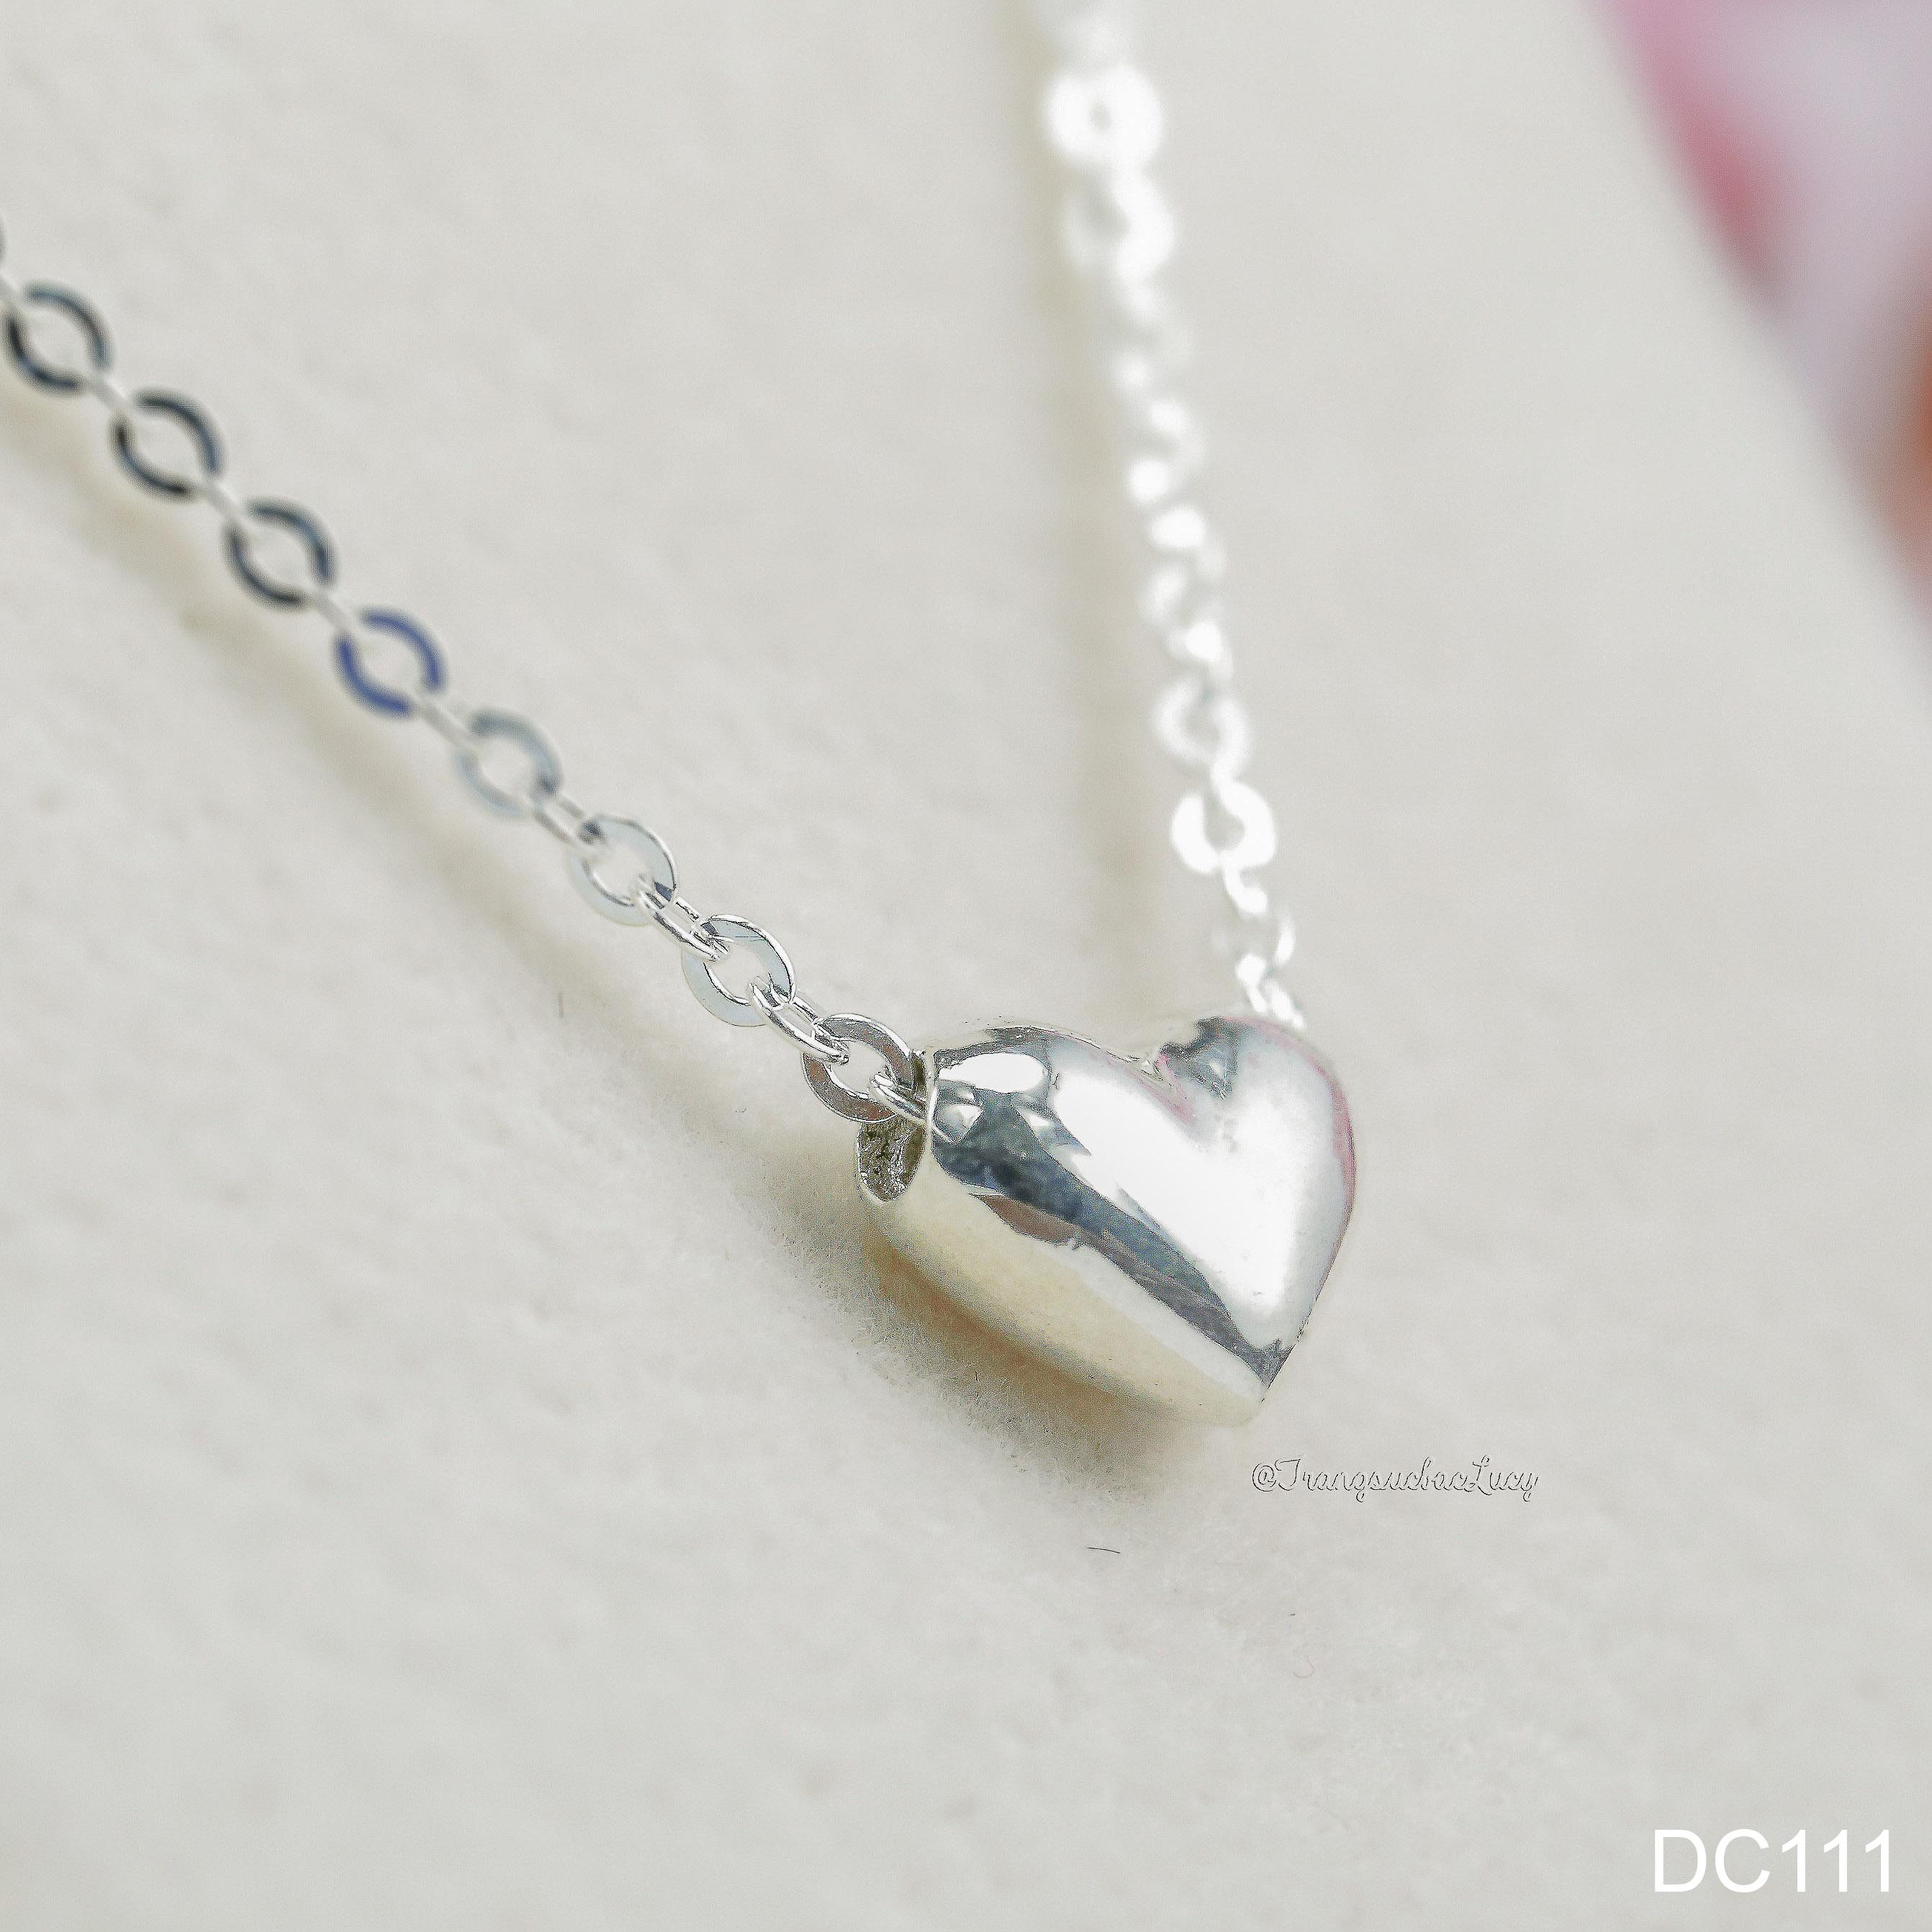 dây chuyền trái tim phồng - DC111